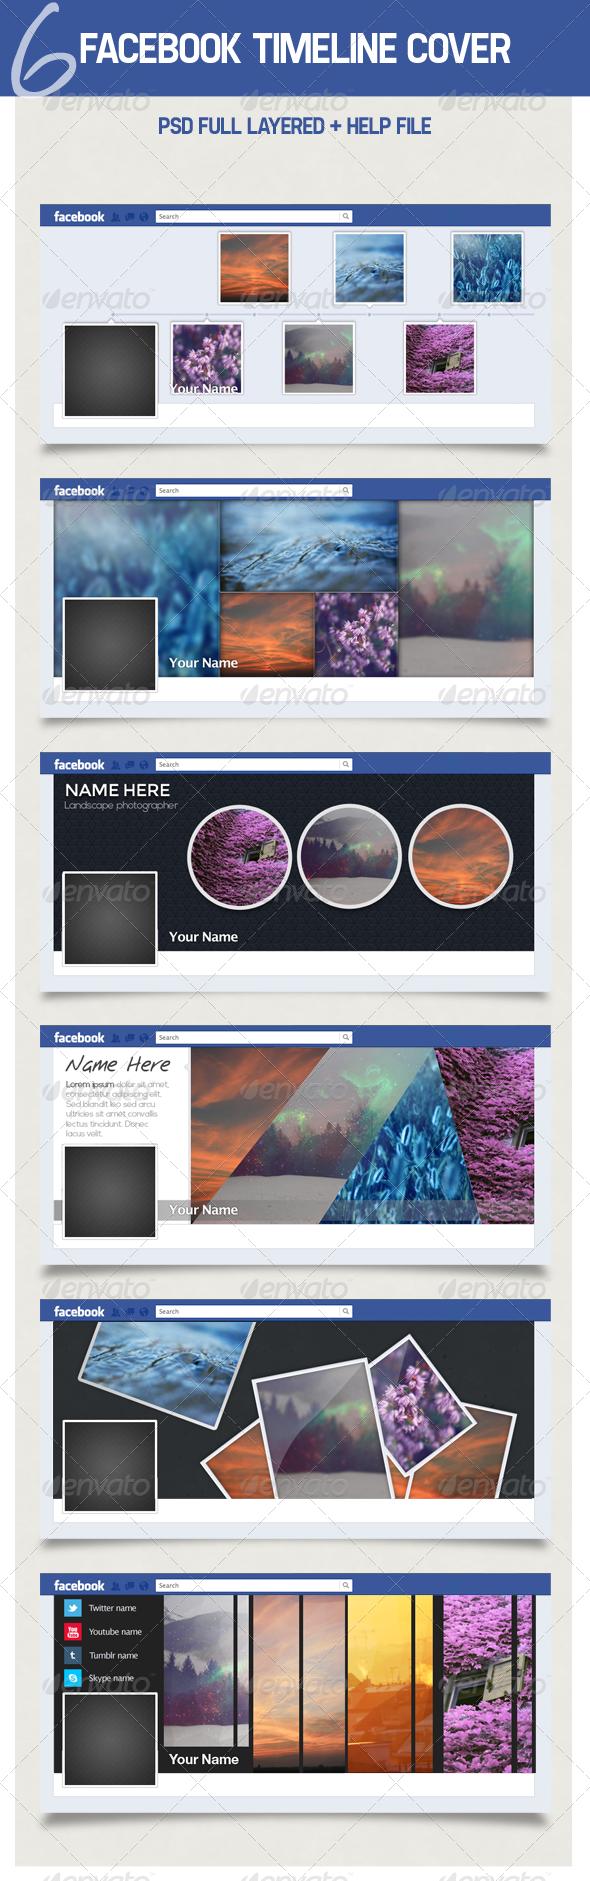 2013 Fb Timeline Cover Image - Facebook Timeline Covers Social Media